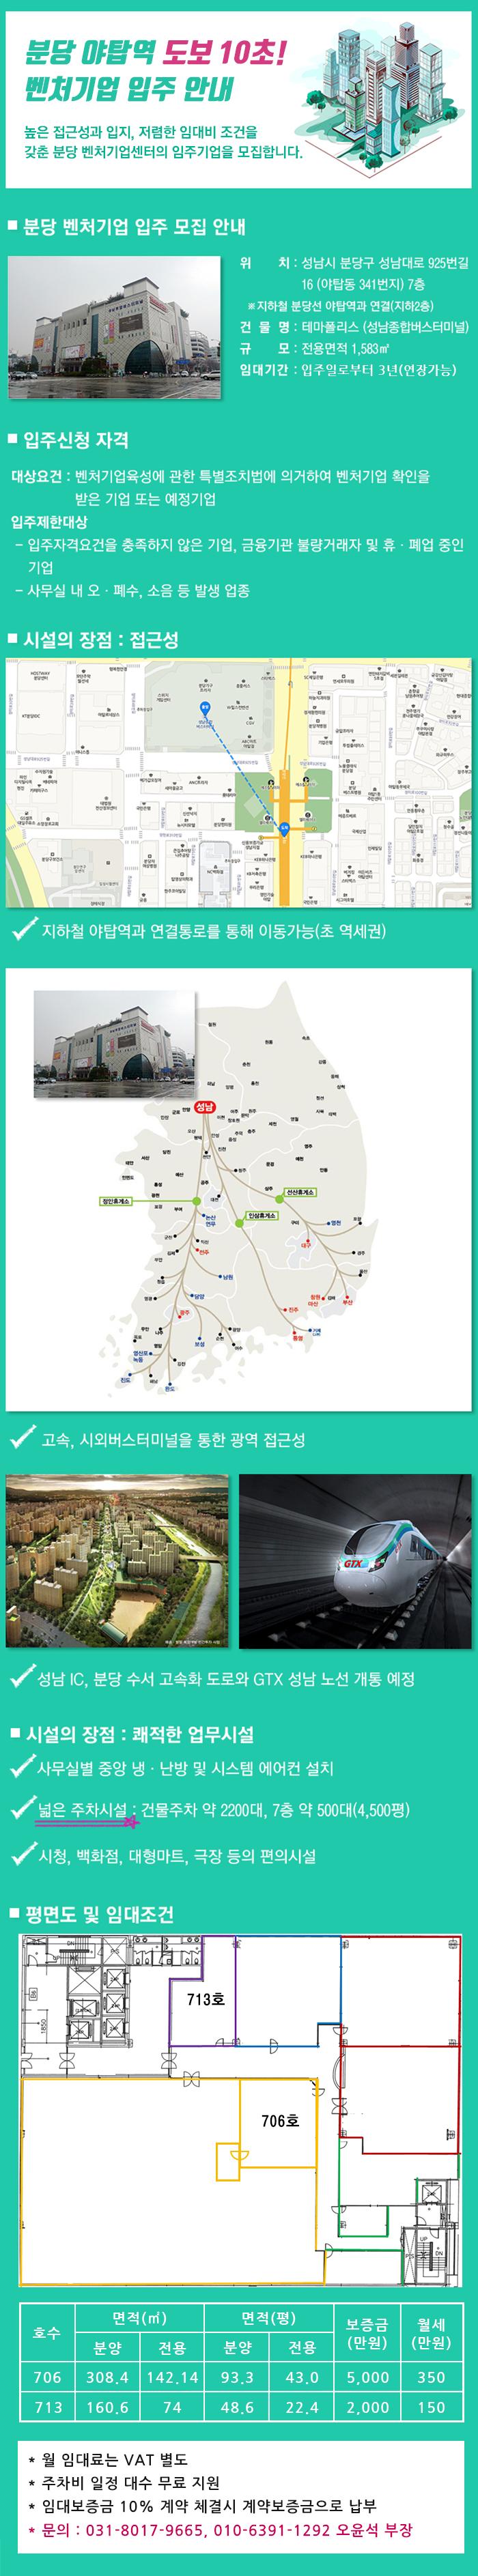 성남벤처기업센터 홍보물_05.11.jpg.jpg